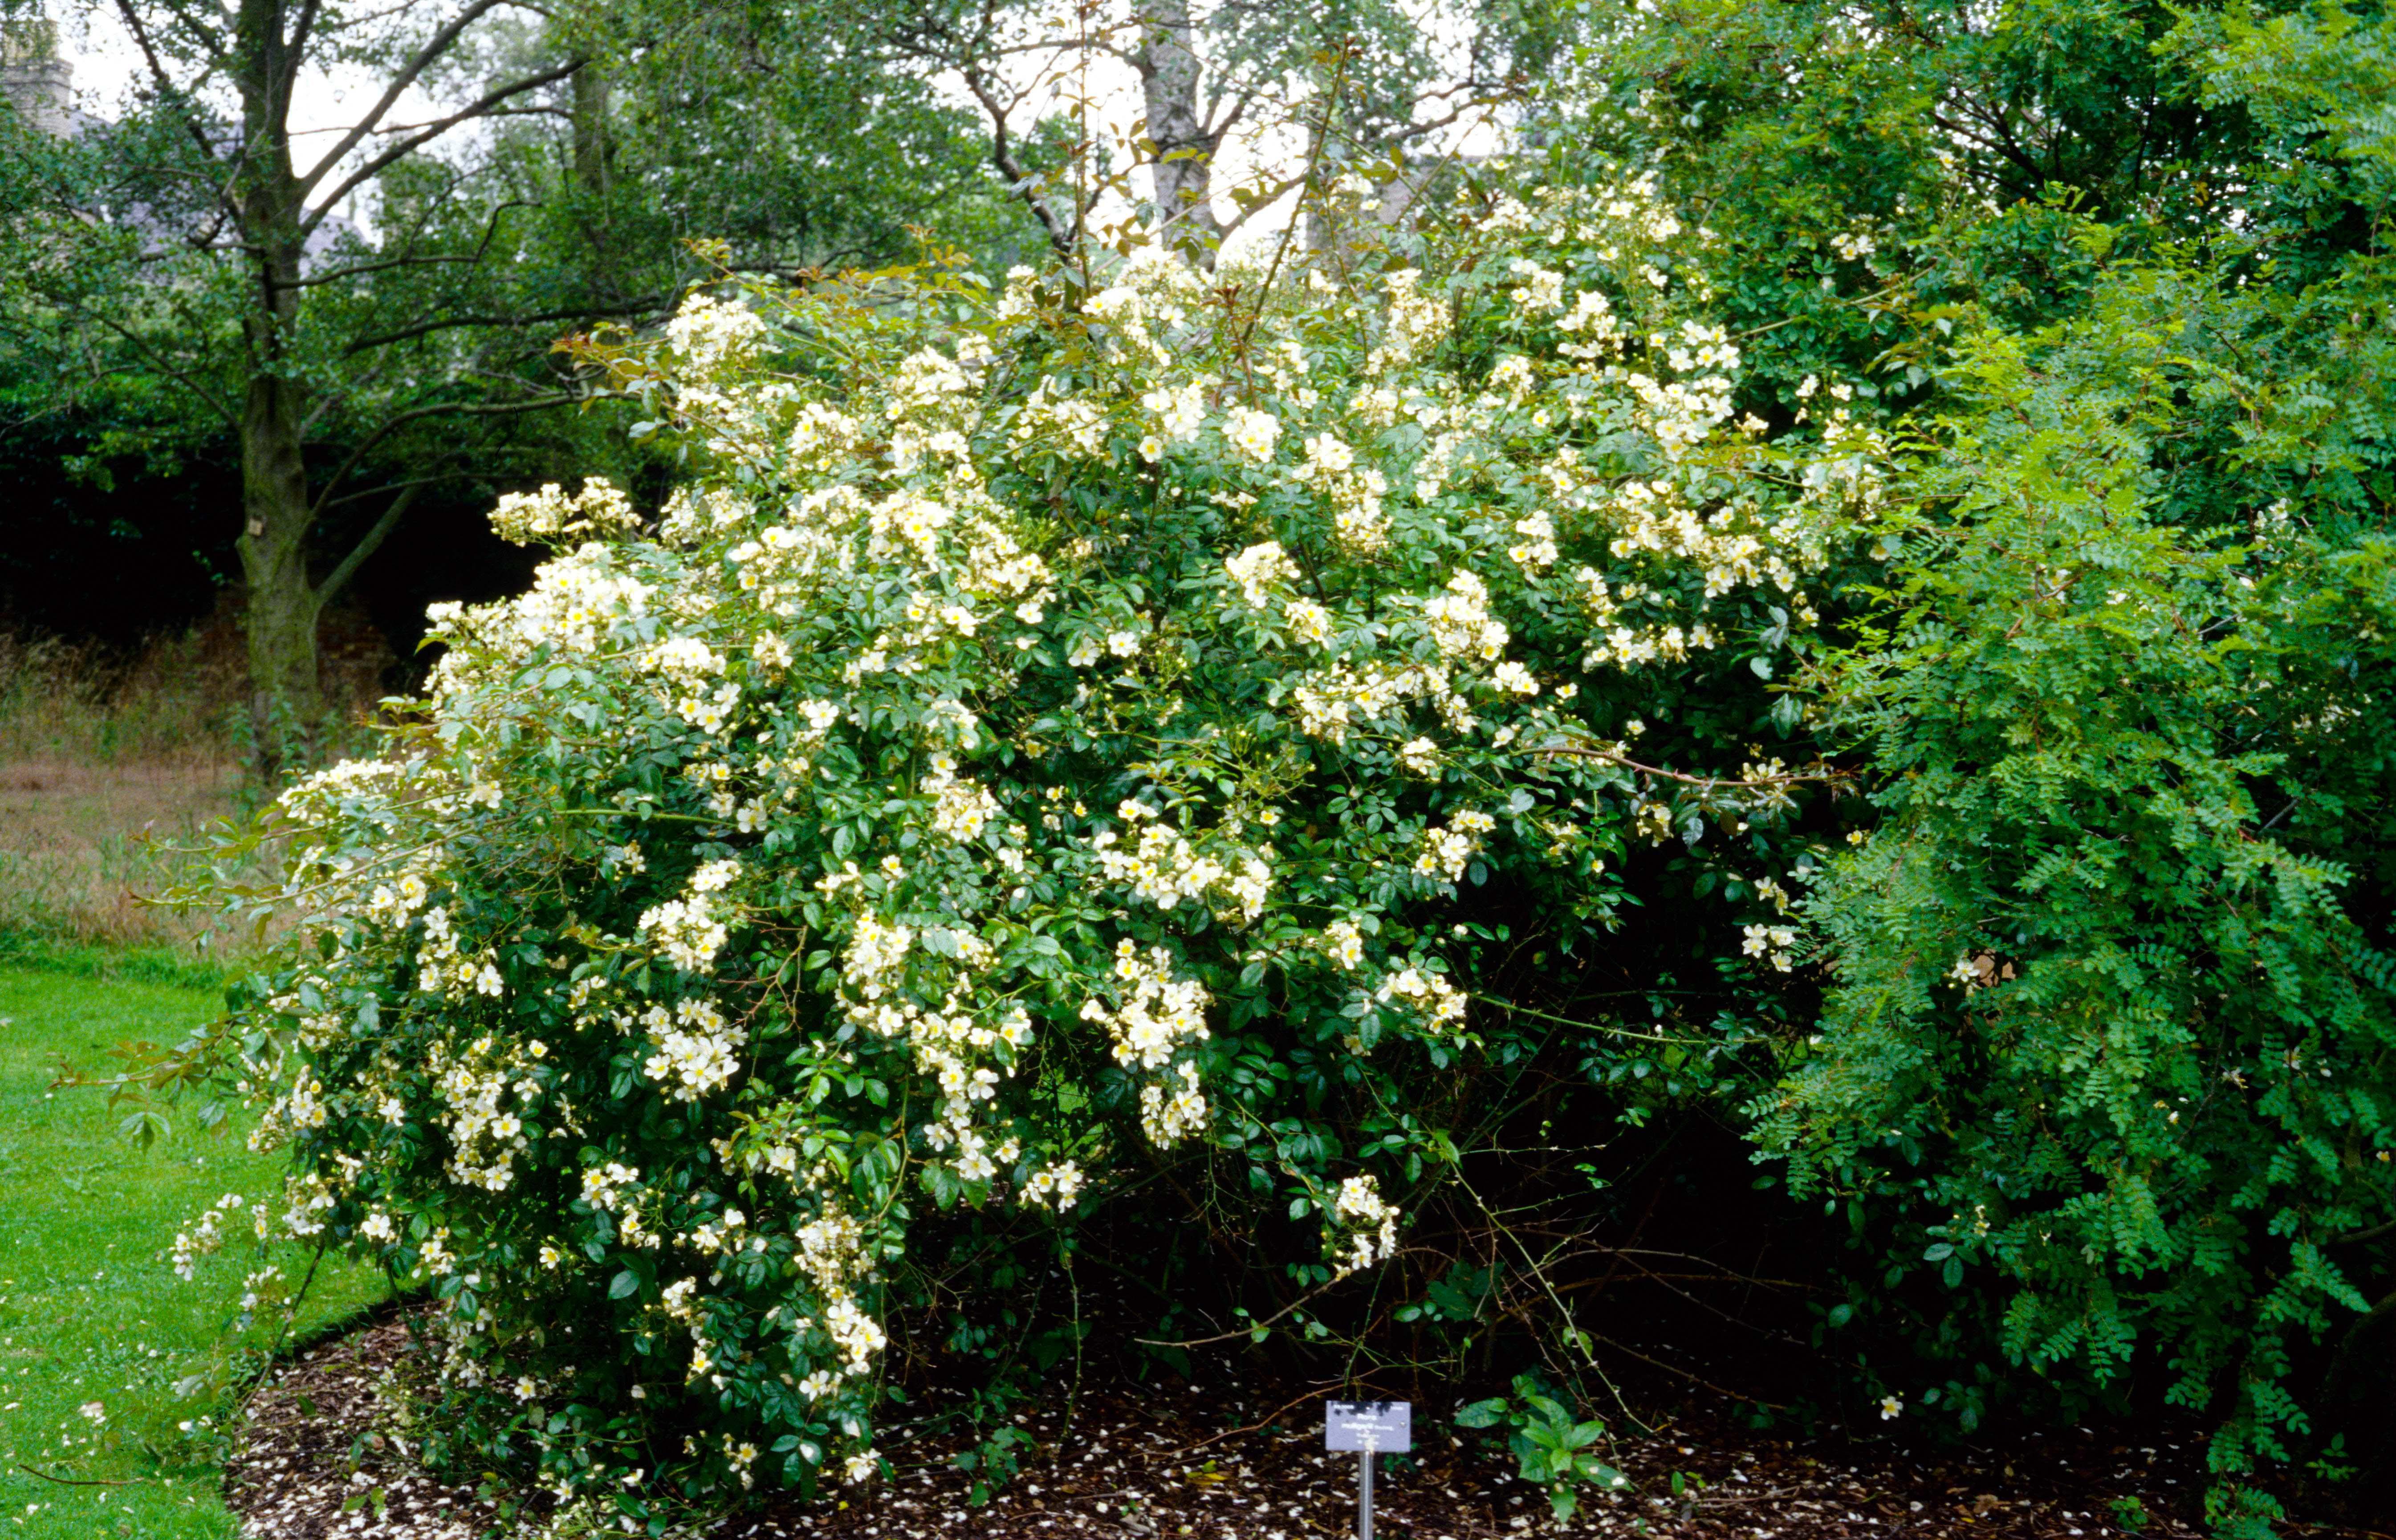 R. mulliganii